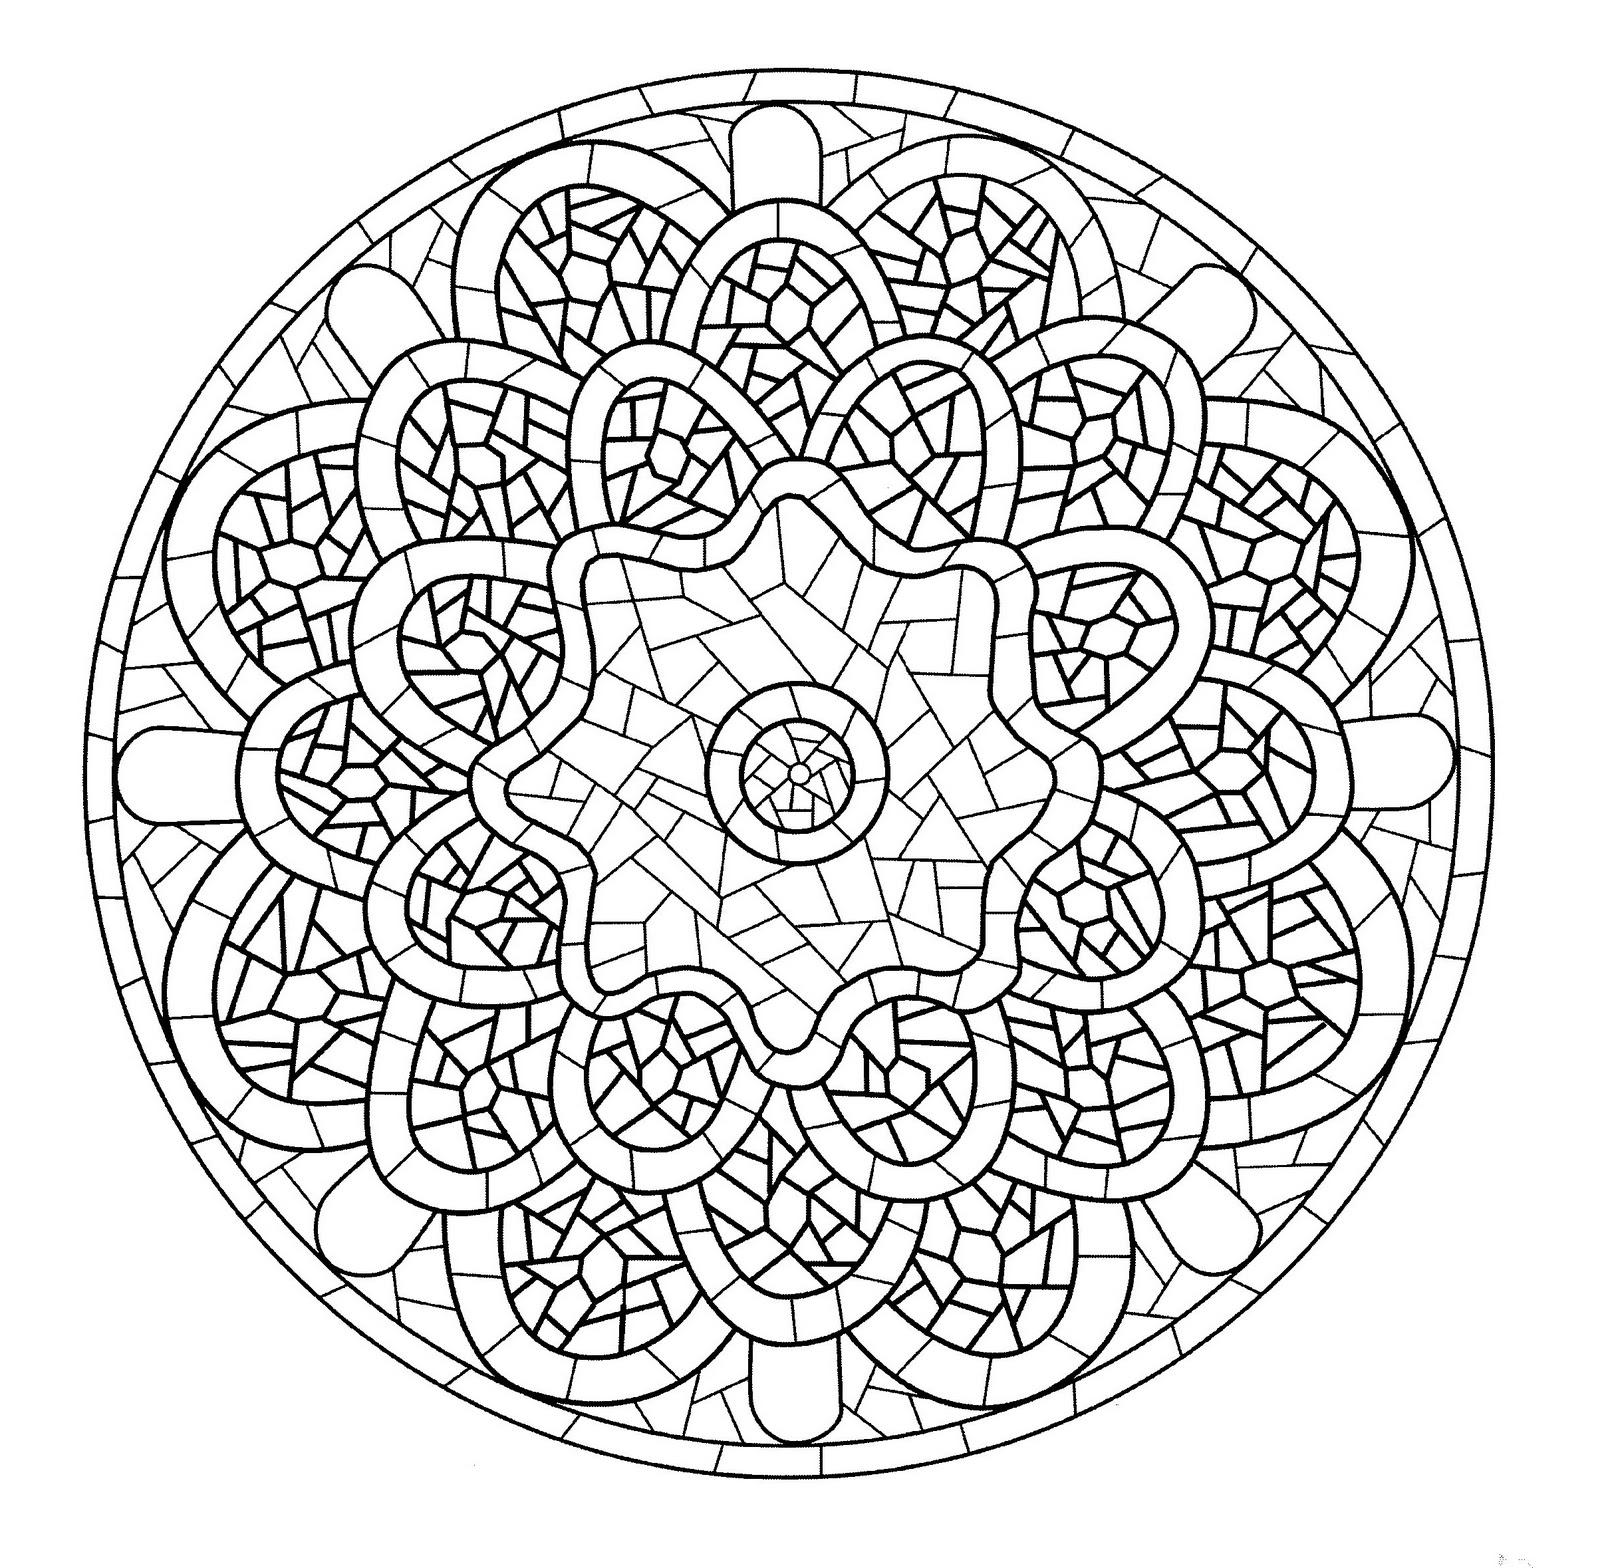 Mandala A Imprimer 13 - Coloriage Mandalas - Coloriages à Mandala Pour Petit